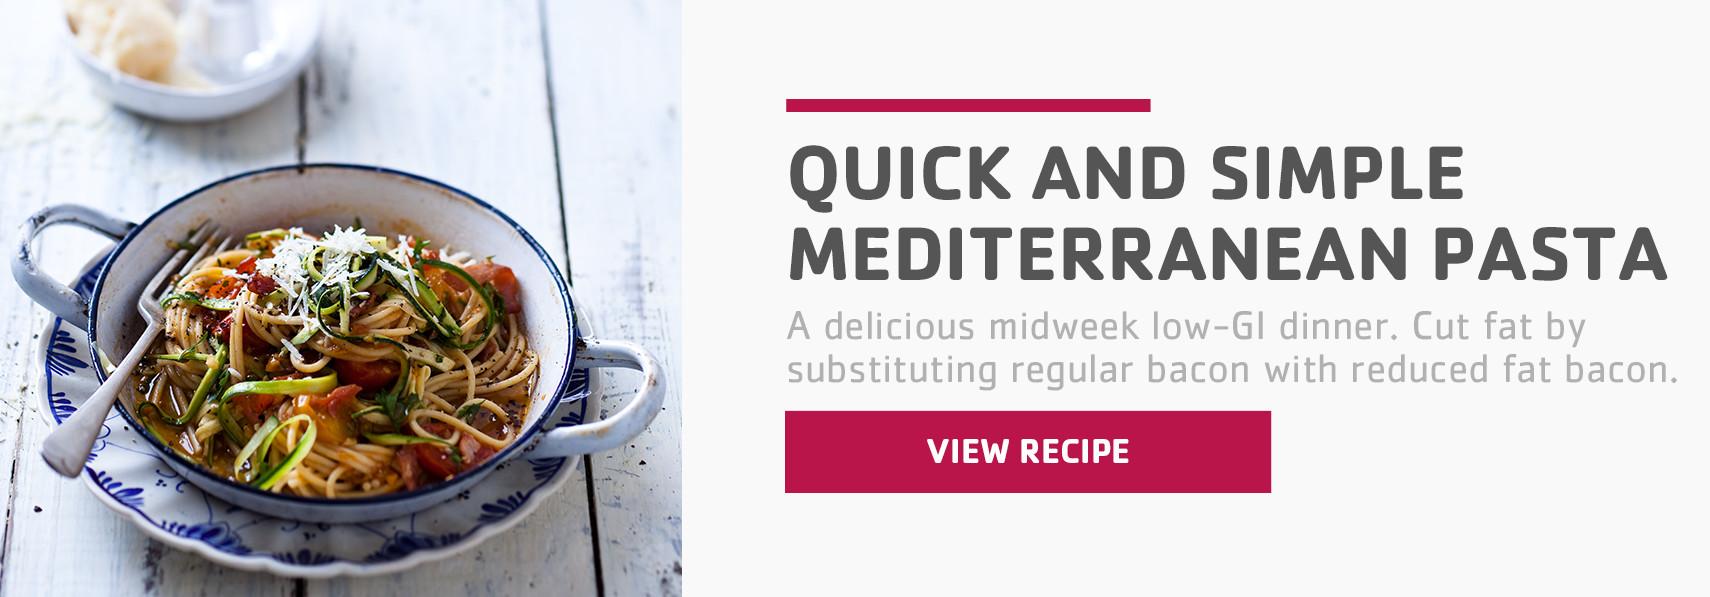 04_Lunchbox-Mediterranean_pasta.jpg